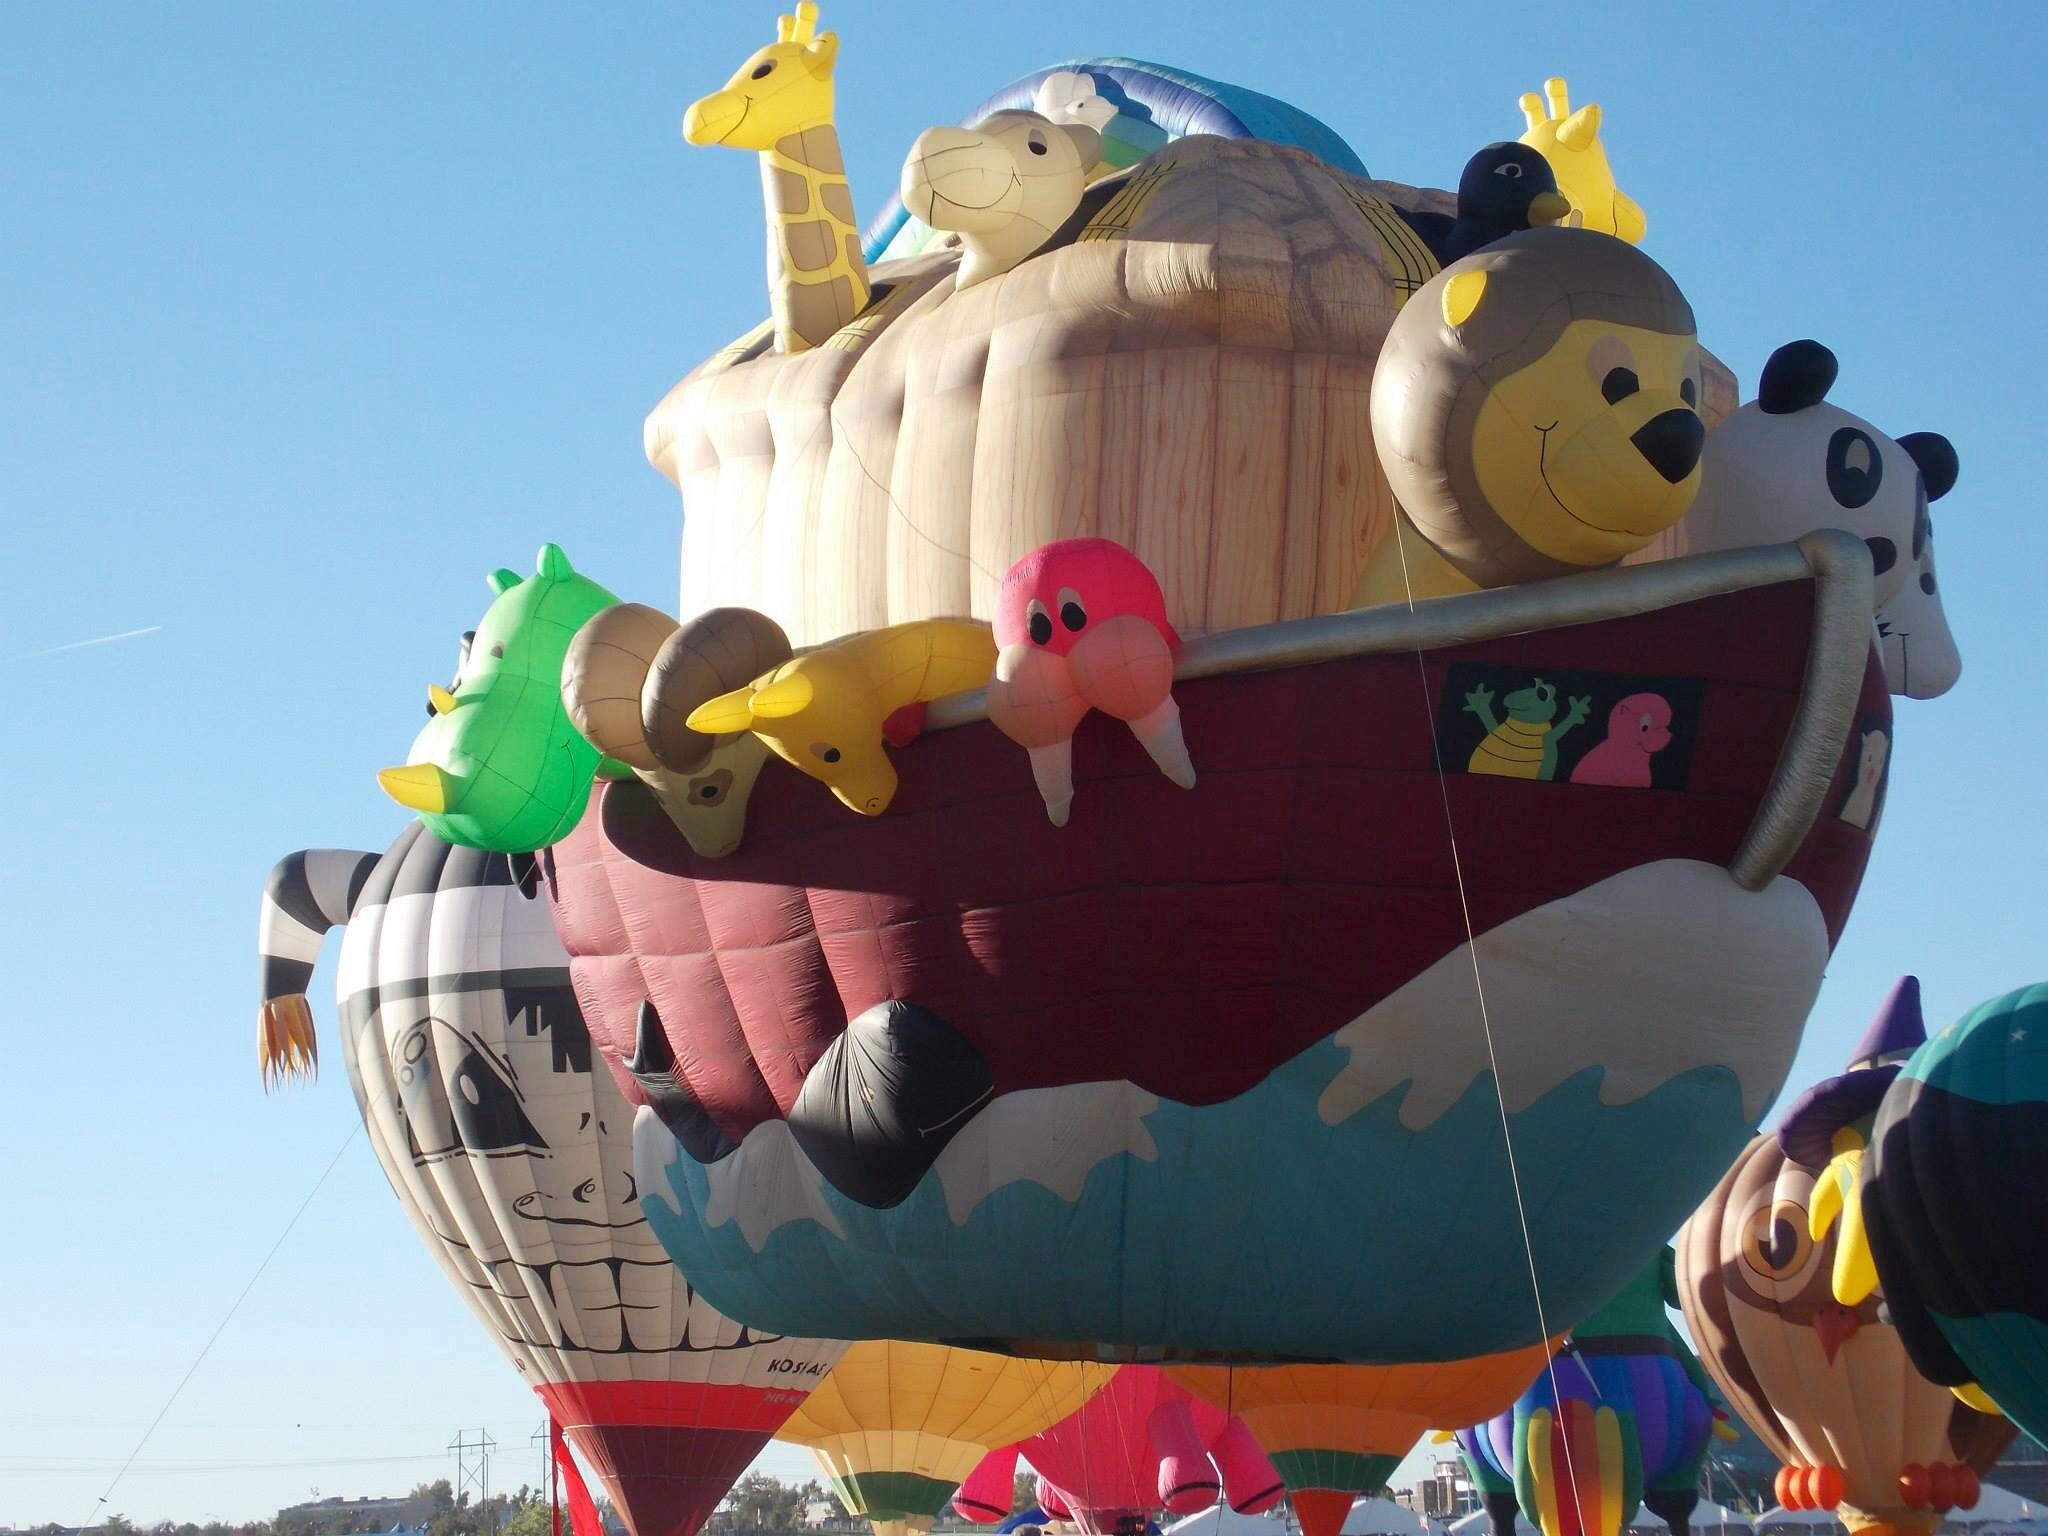 abqballoon fiesta Balloon rides, Hot air balloon, Air